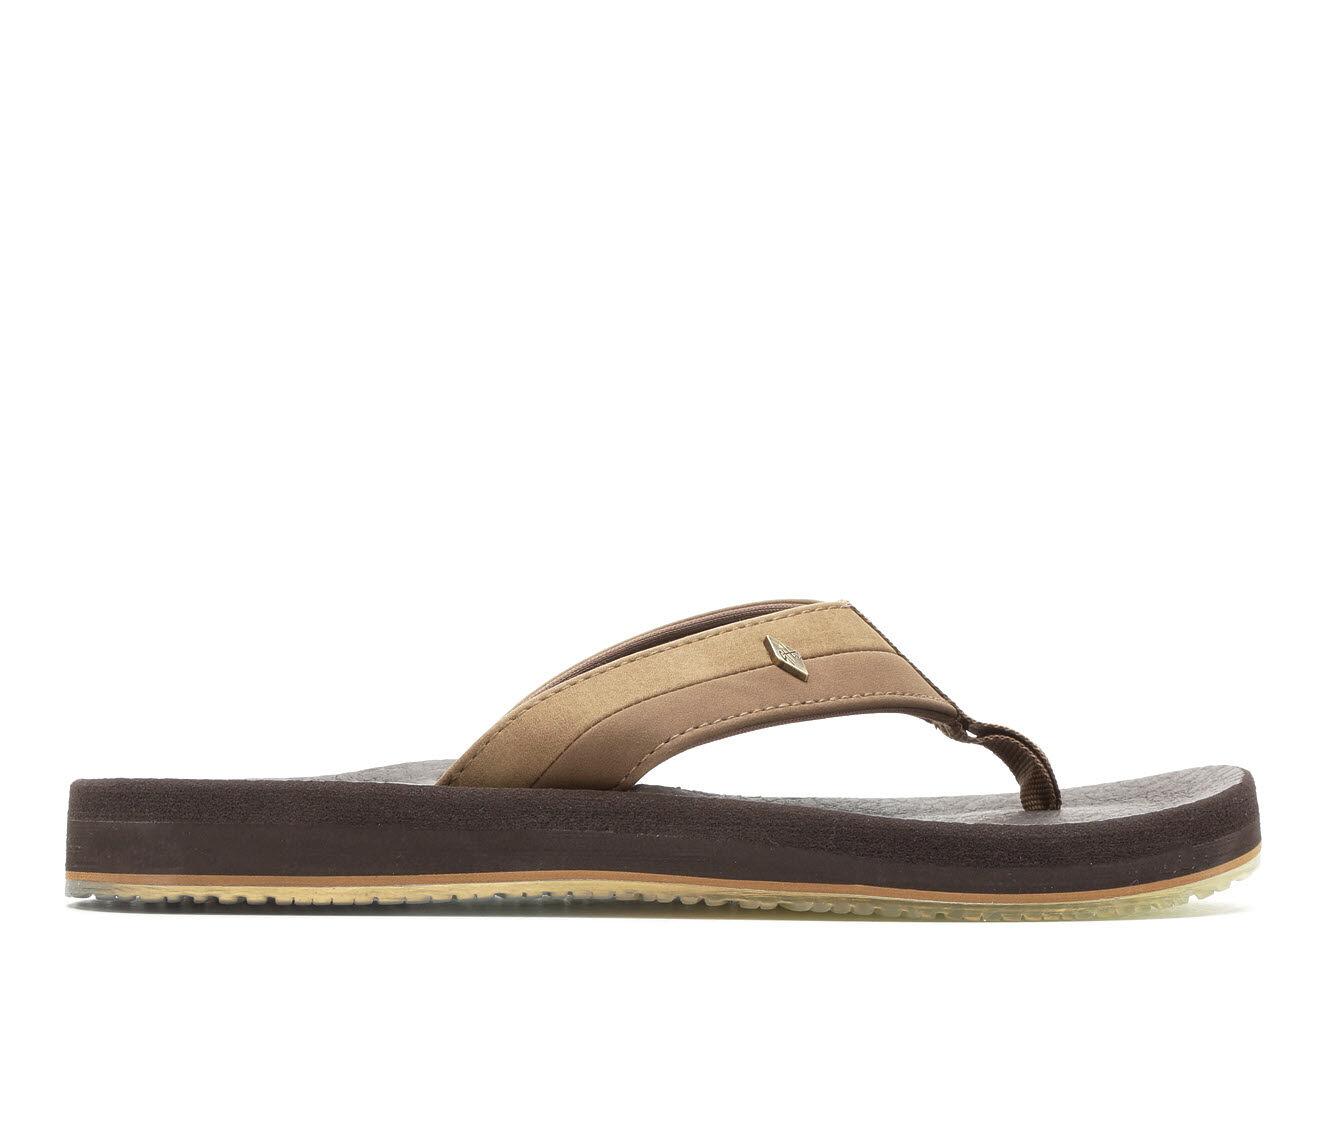 Women's Guy Harvey Castaway Marlin Sunset Sandals Light Brown